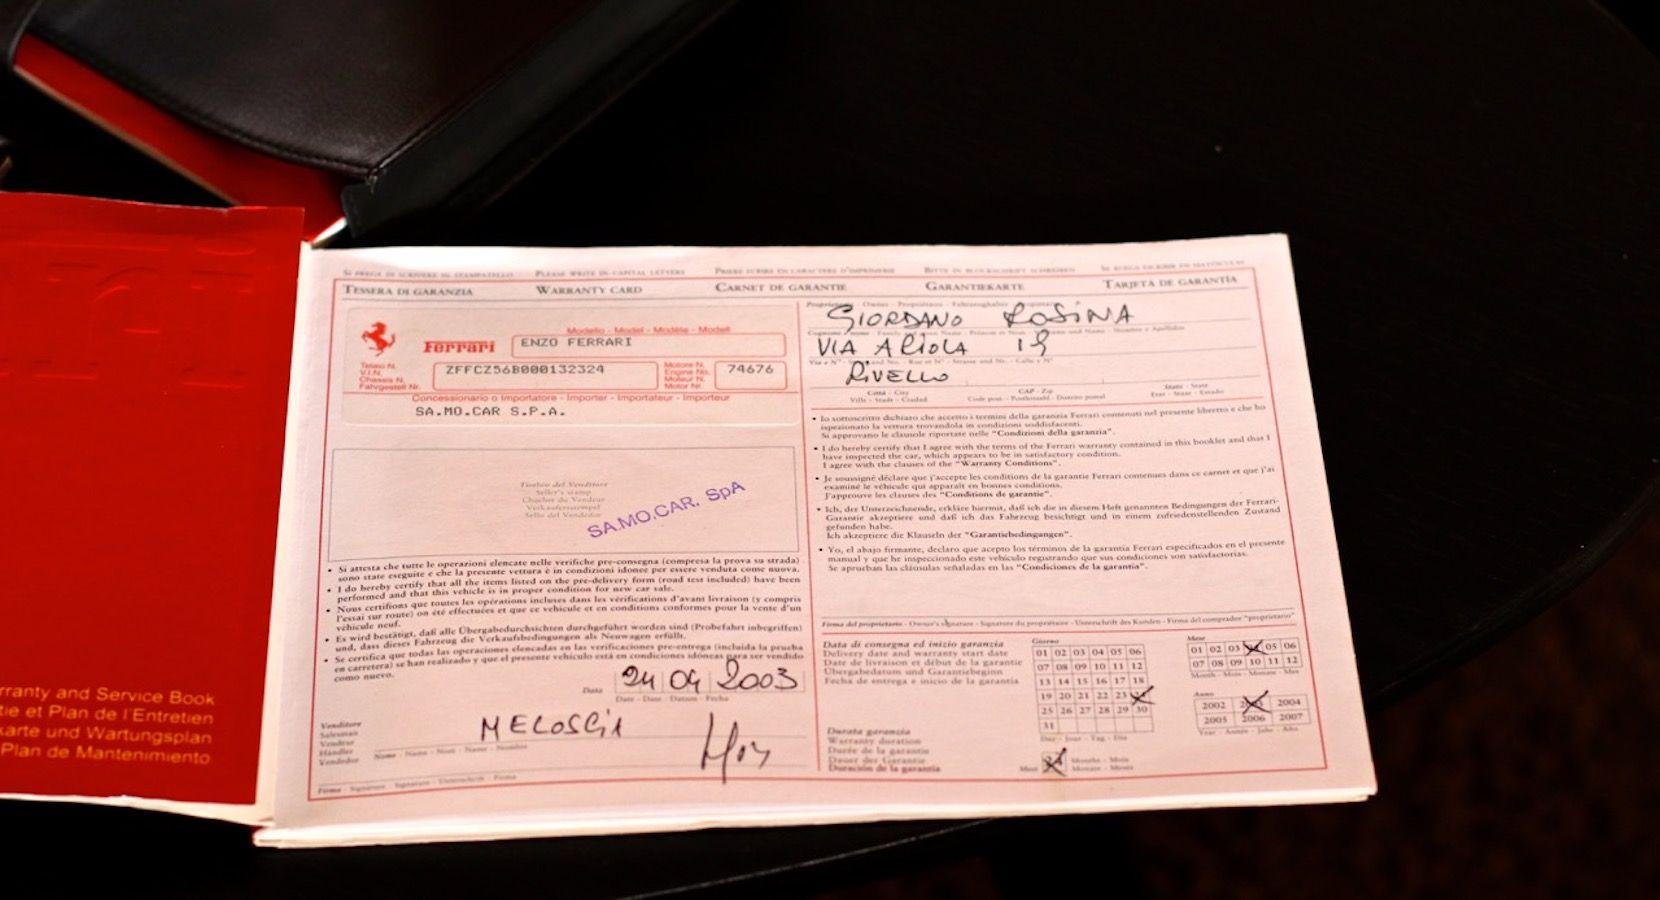 Carbild BeschreibungFerrari Enzo Ferrari8113